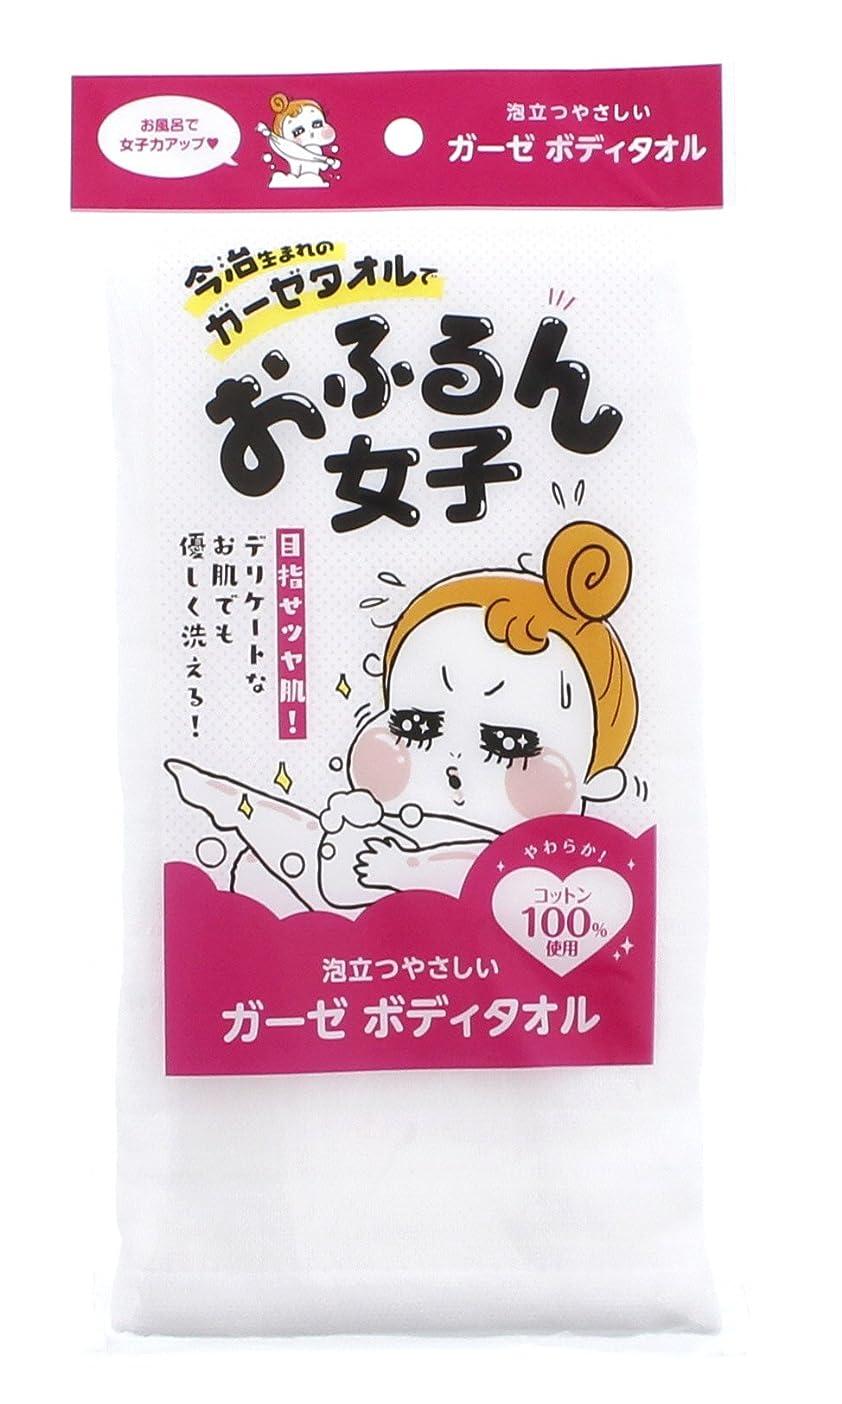 残酷合図クレーン横田タオル ボディタオル ホワイト 約34×90㎝ おふるん女子 優しい泡立ち ガーゼ